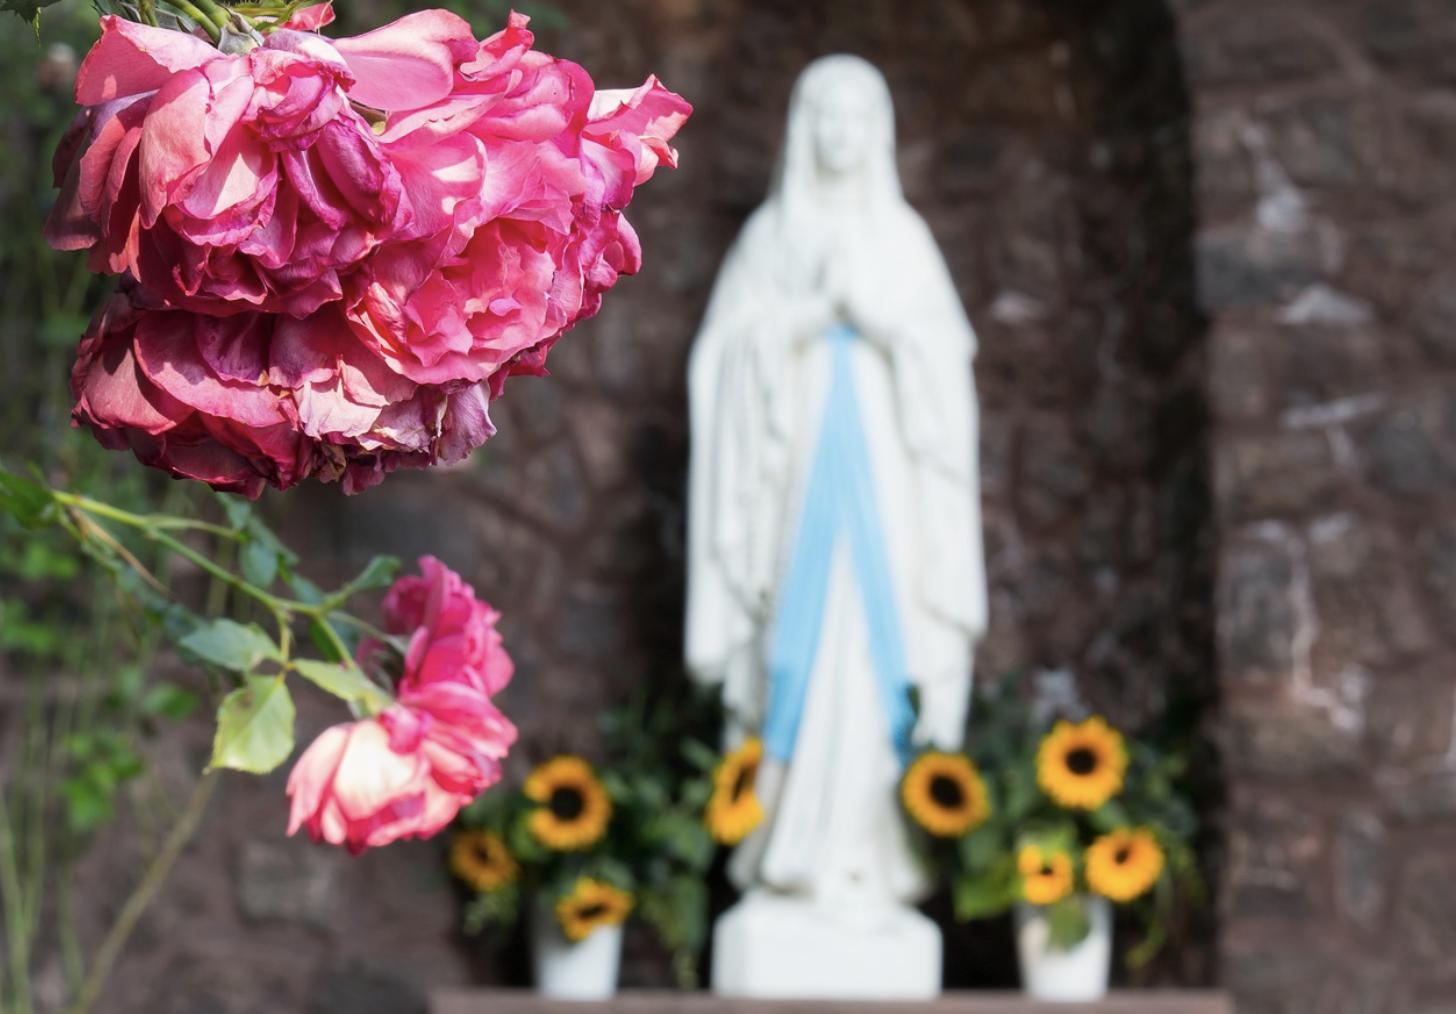 Médaille de baptême à l'effigie de la Vierge : quelles significations ?